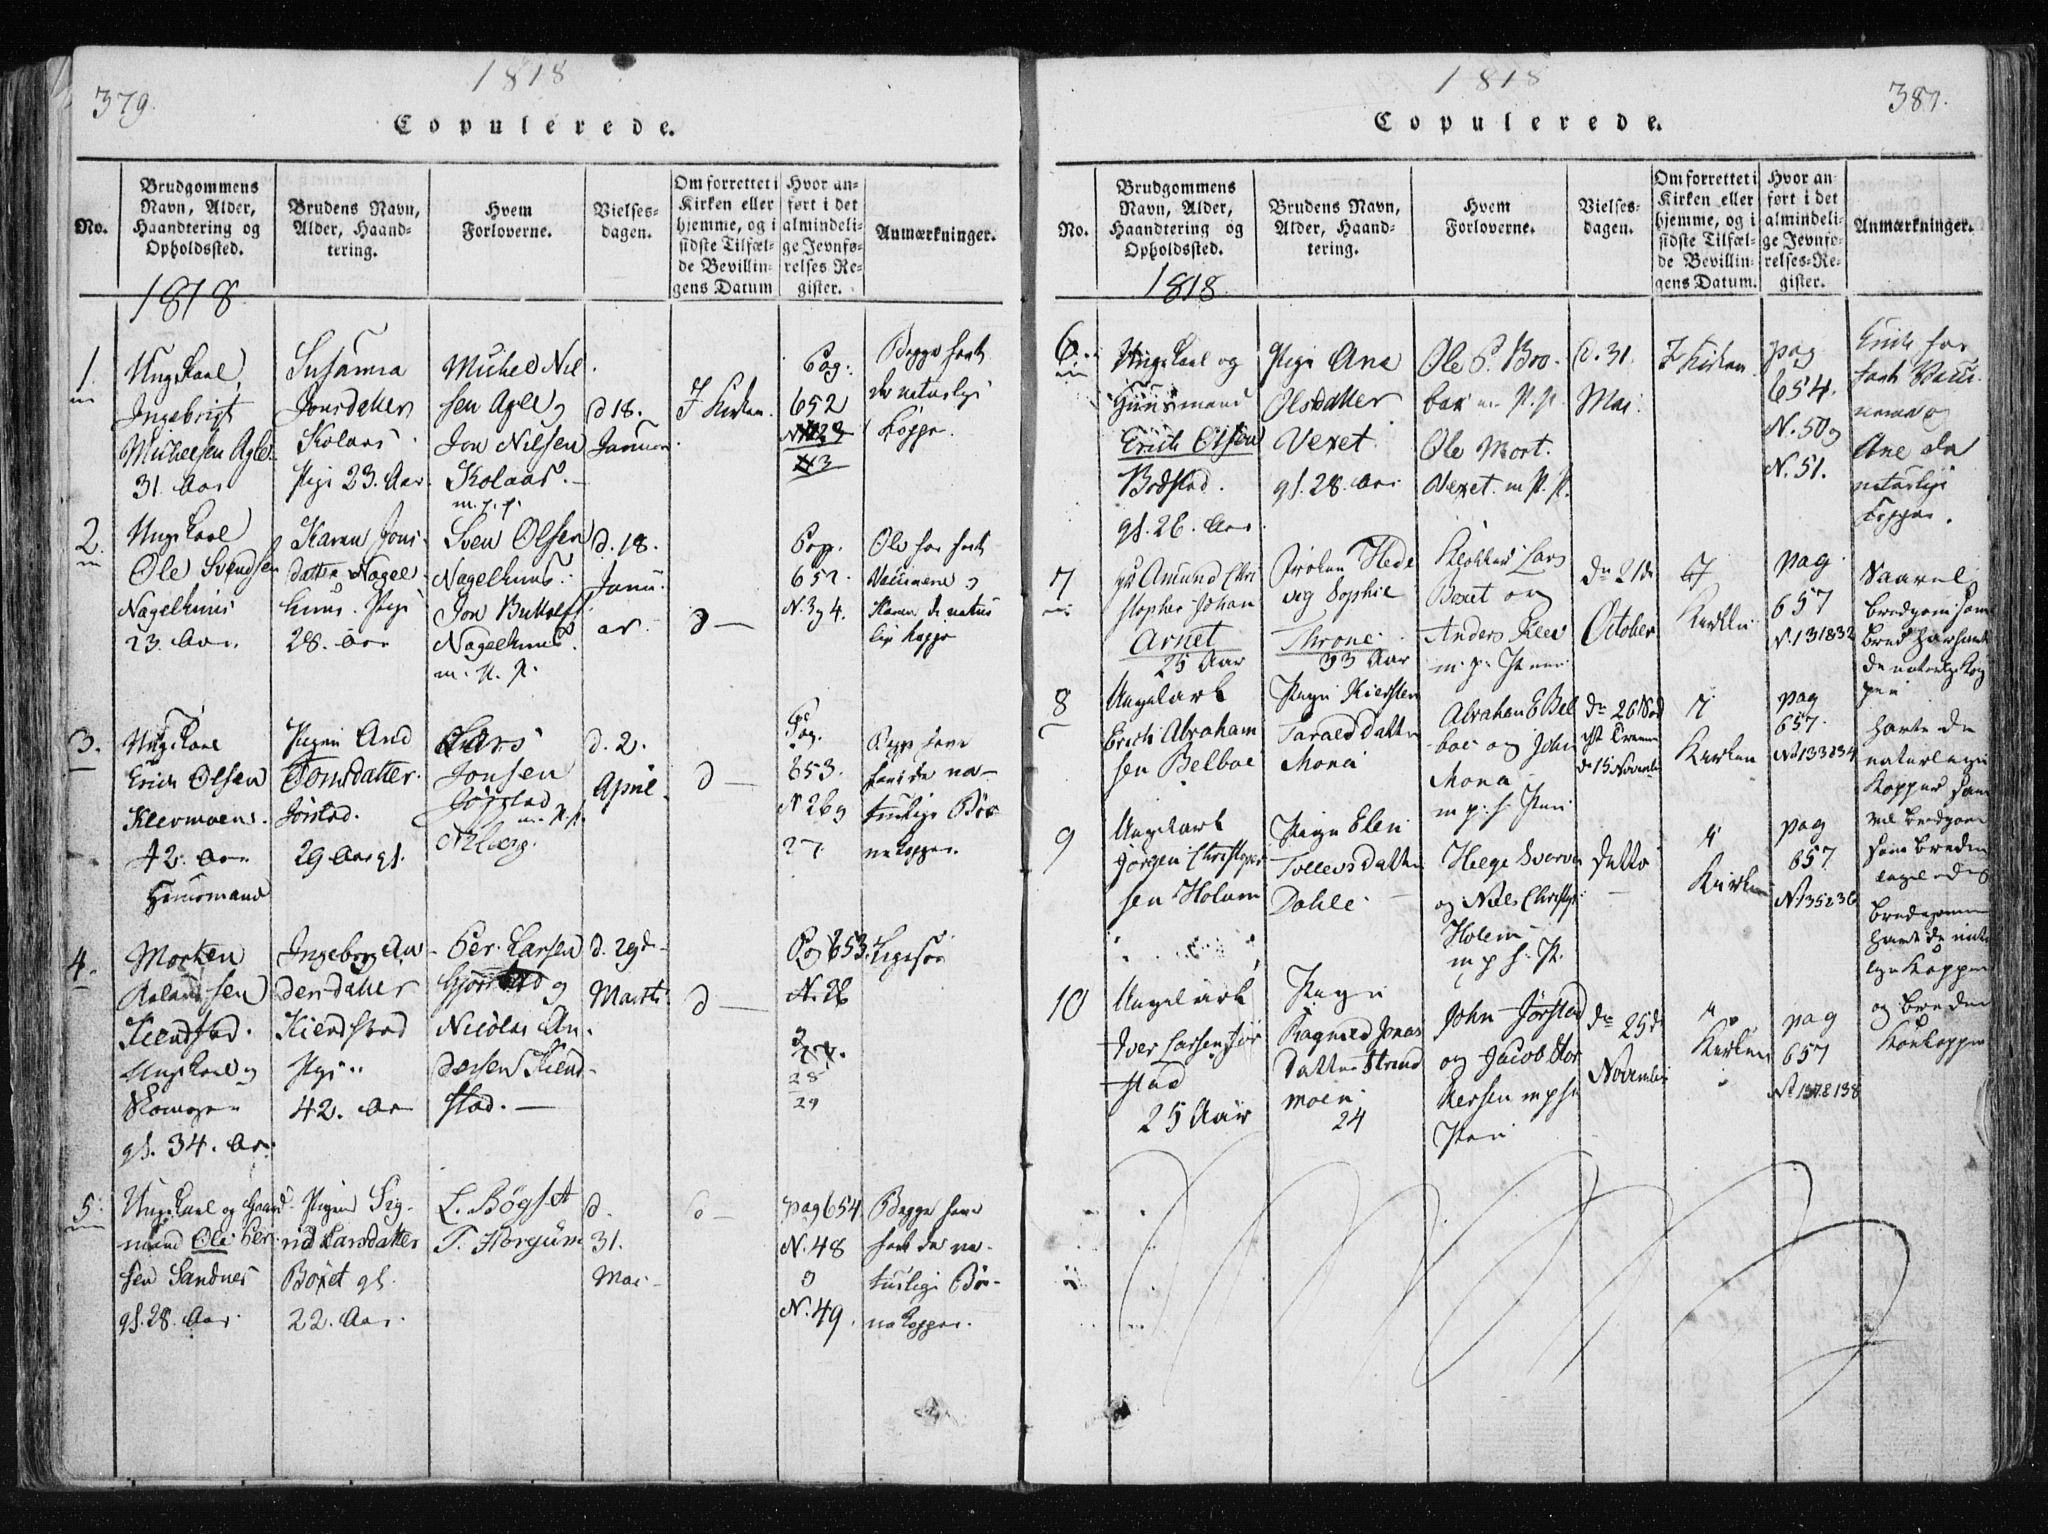 SAT, Ministerialprotokoller, klokkerbøker og fødselsregistre - Nord-Trøndelag, 749/L0469: Ministerialbok nr. 749A03, 1817-1857, s. 379-380